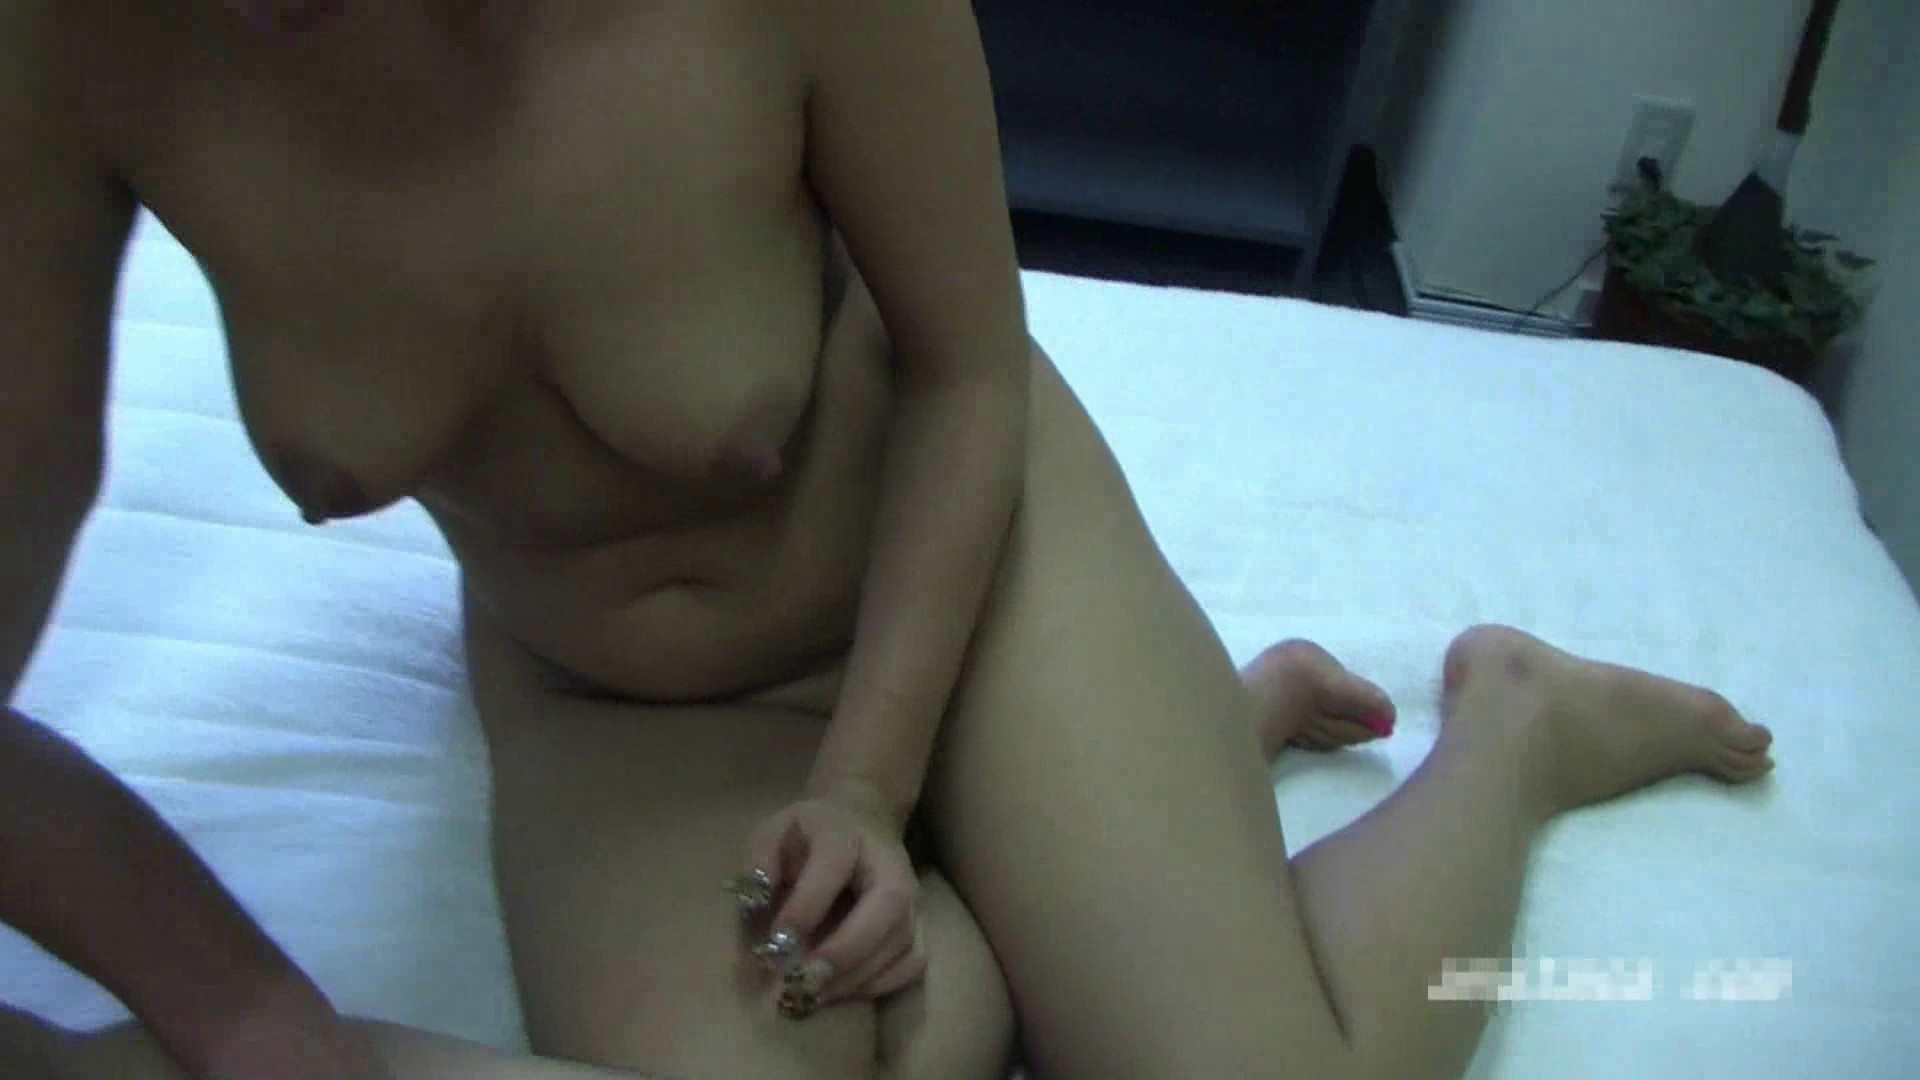 デリへル嬢のみかちゃん23歳vol.4 OL裸体   ギャルの乳首  110画像 53